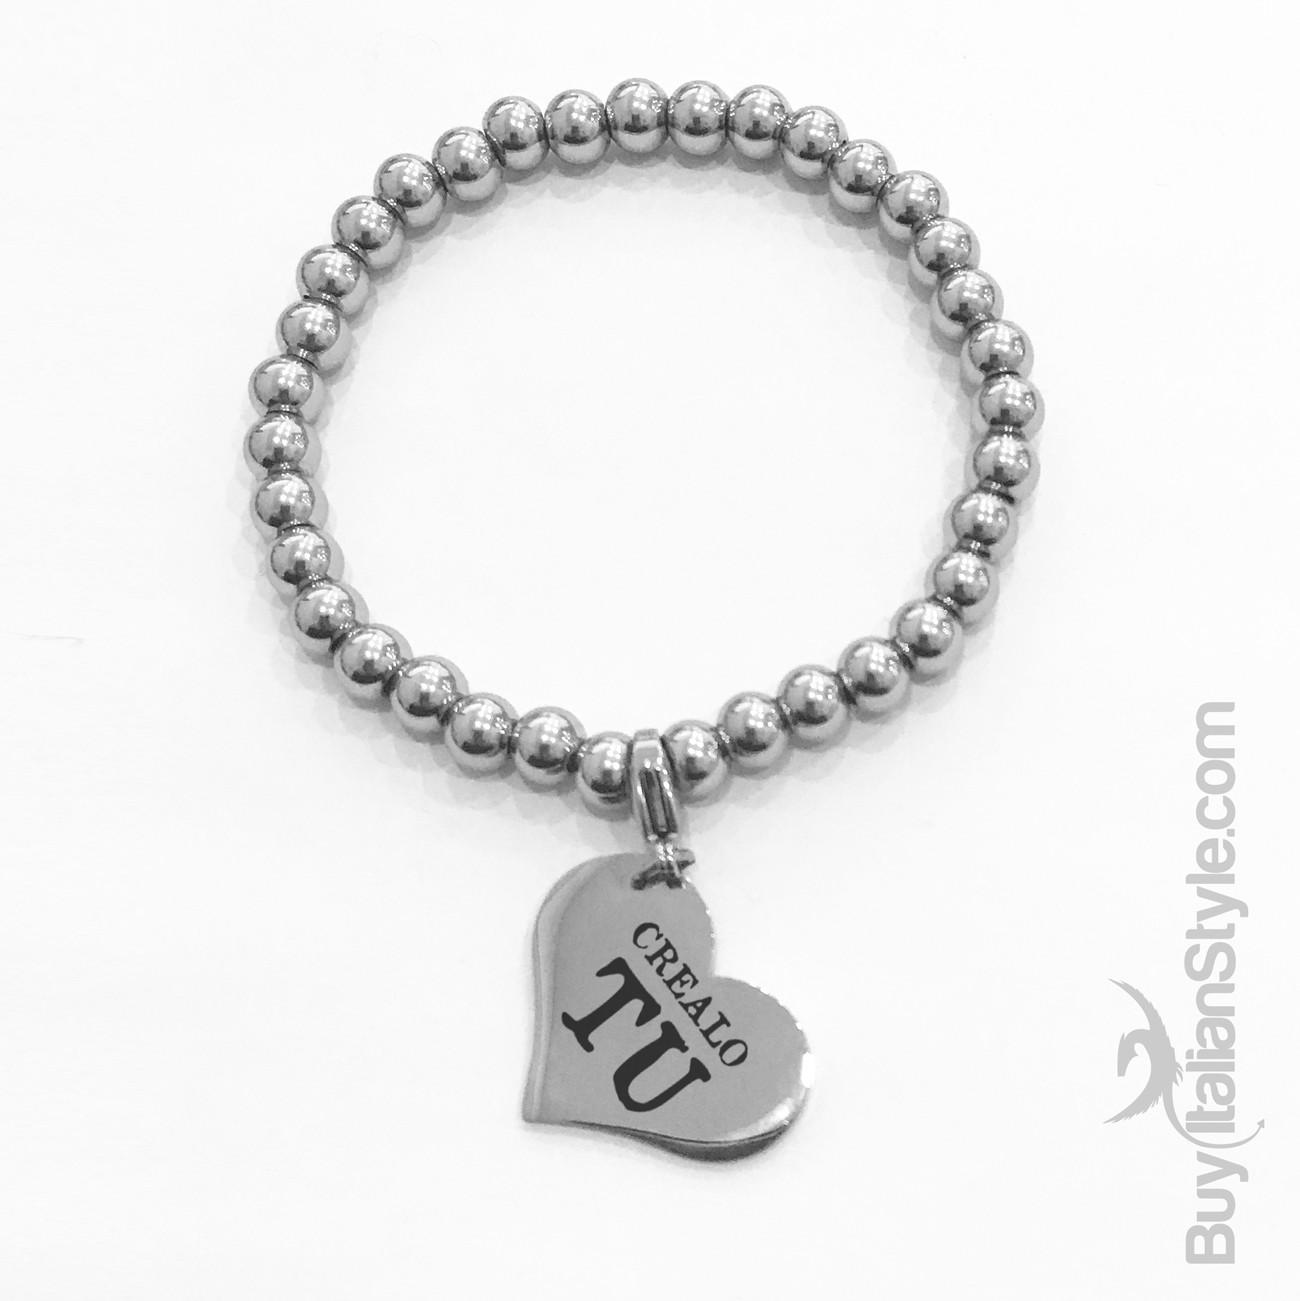 miglior servizio 22751 f9451 Braccialetto stile tiffany con charm cuore Personalizzato